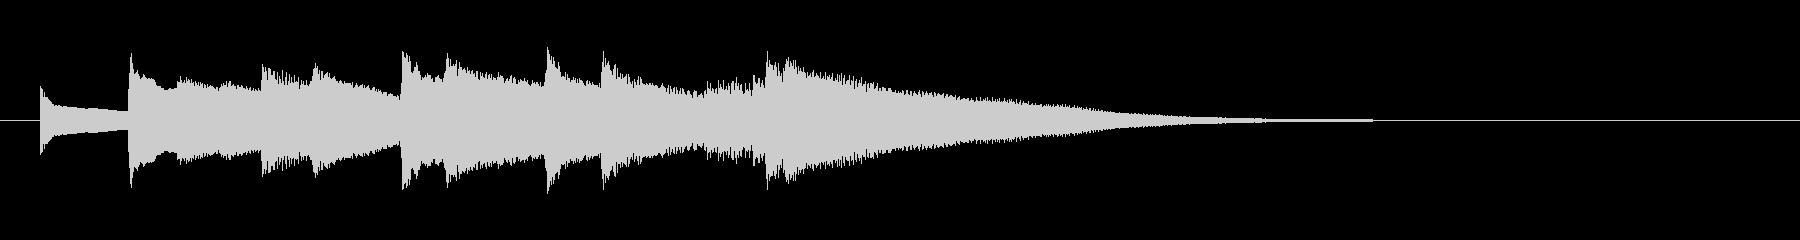 オルゴールのアイキャッチ(短調、寂しい)の未再生の波形